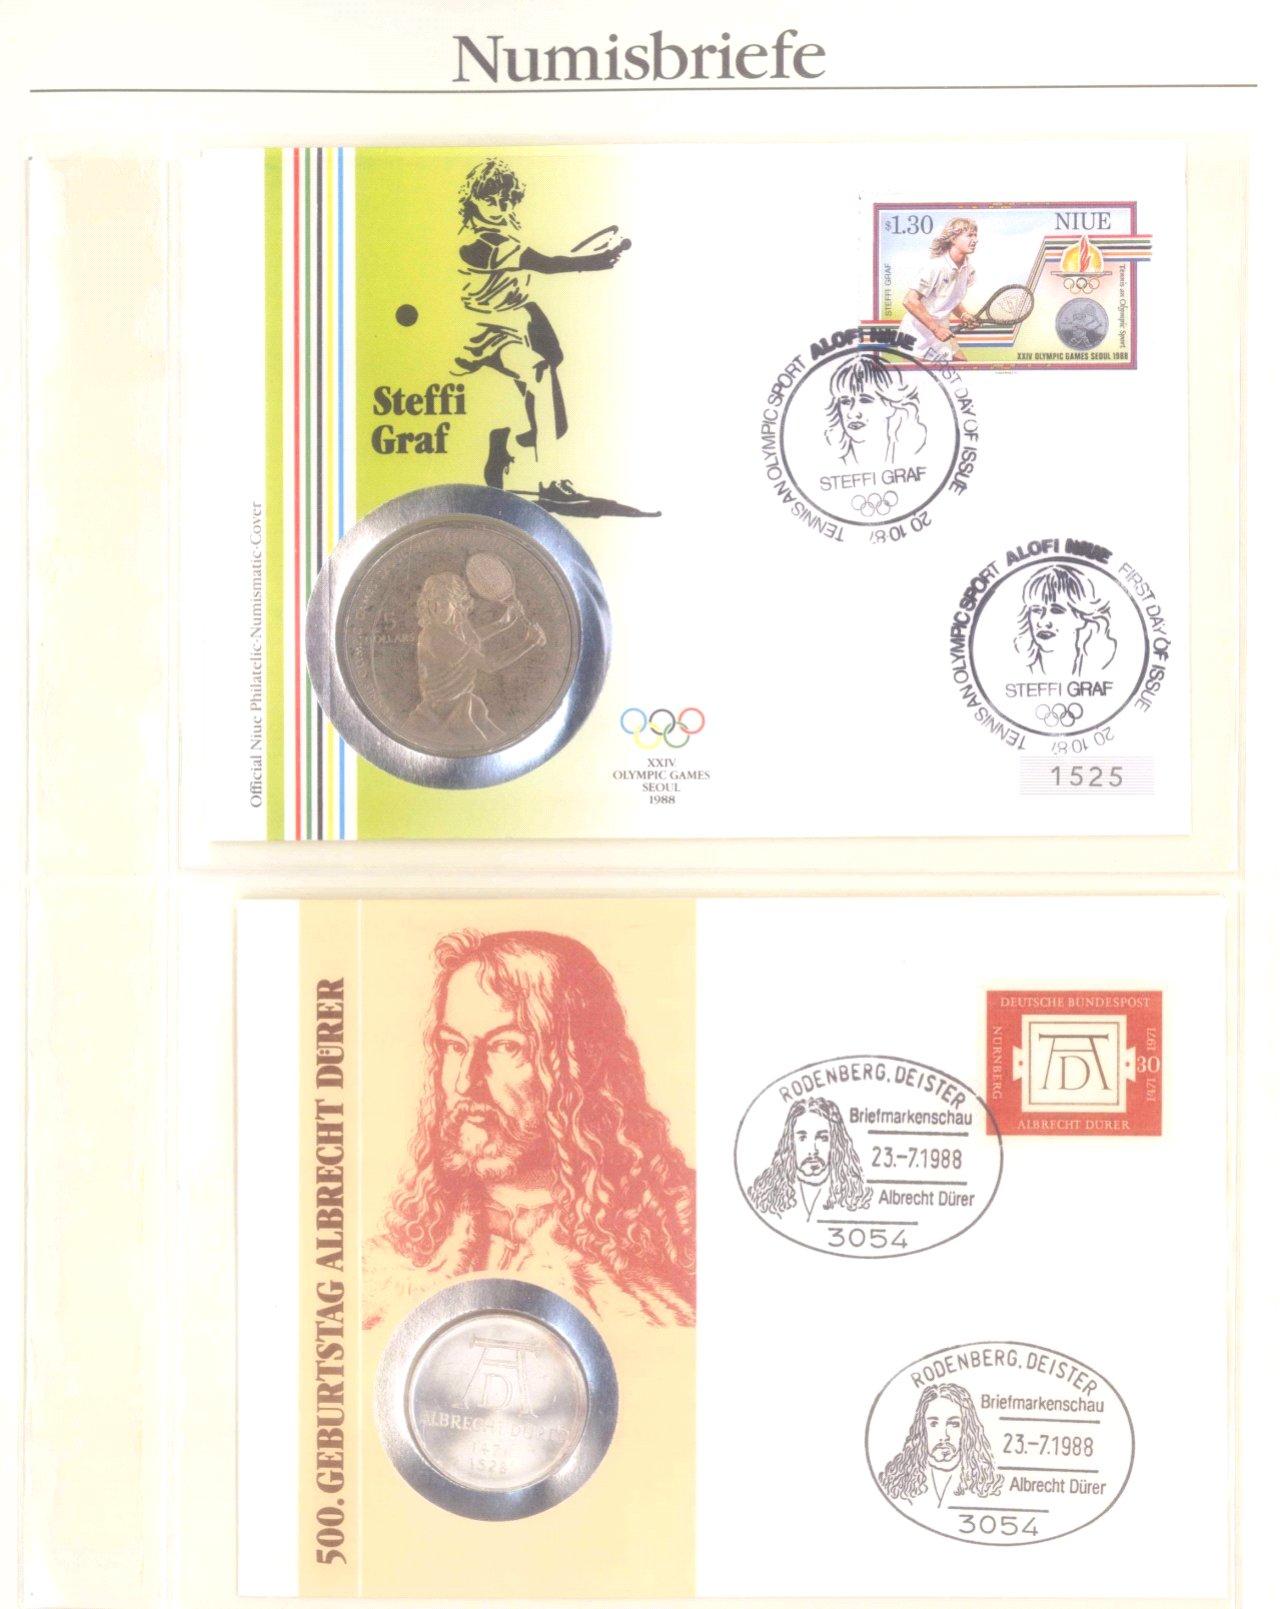 Sammlung Numisbriefe-8